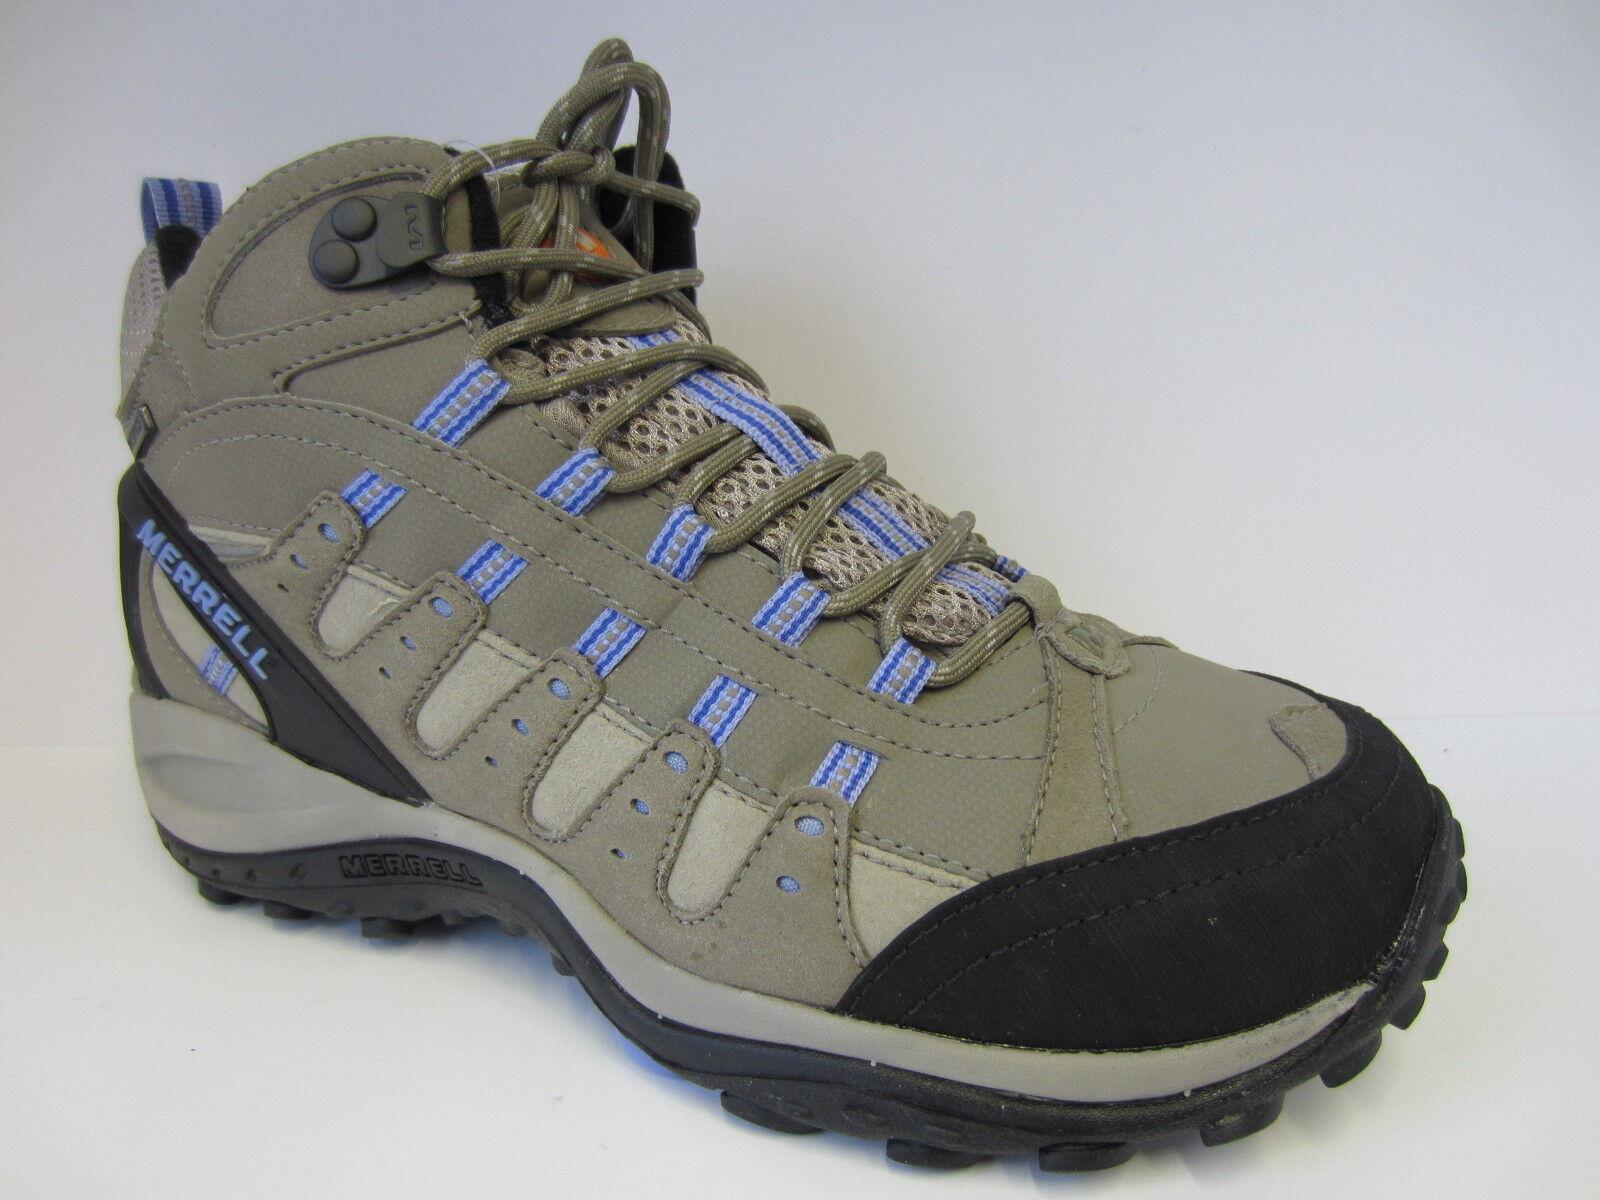 Mujer Mujer Mujer Merrell botas Con Cordones j18016  descuento de bajo precio